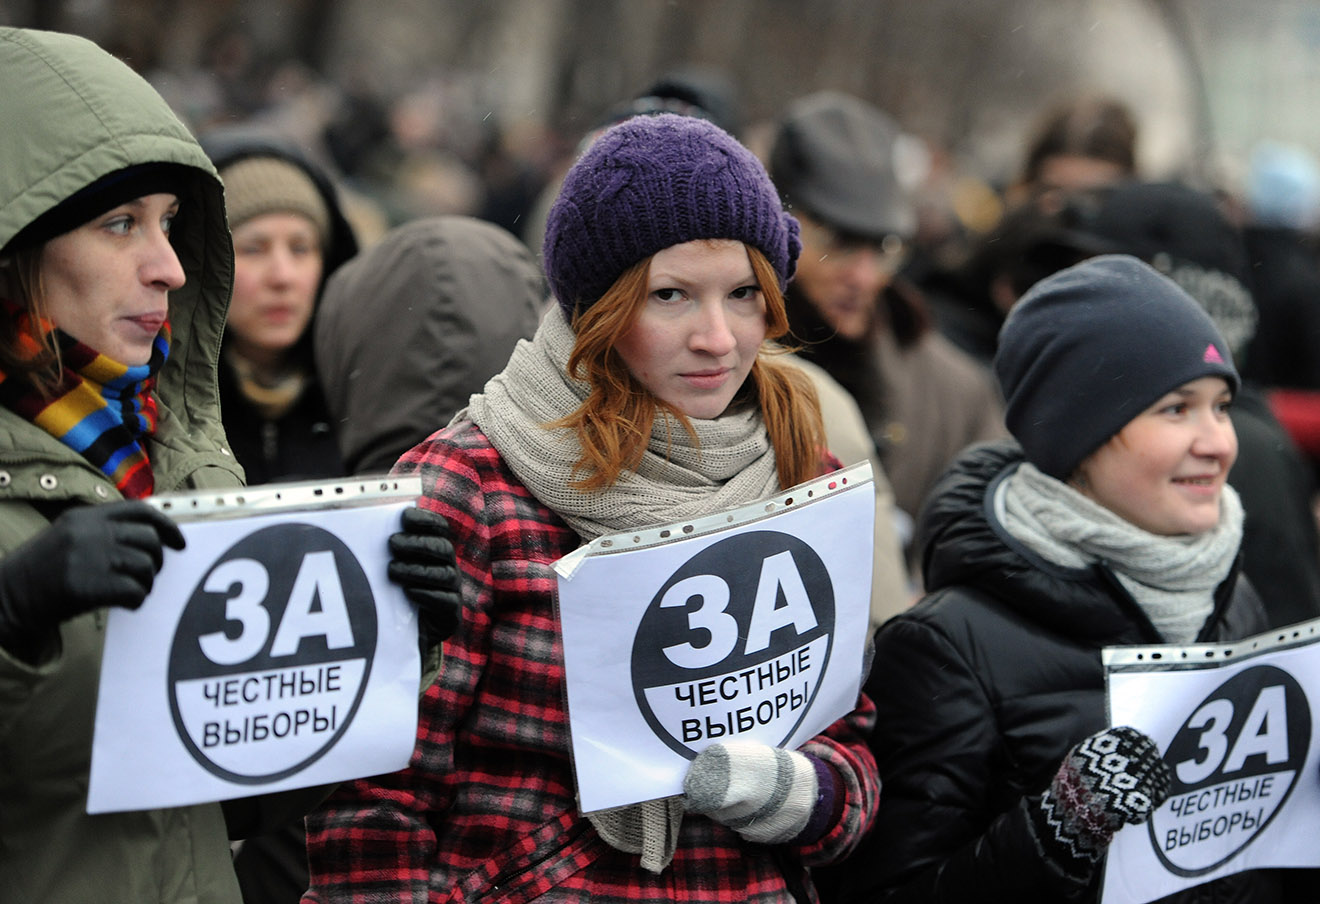 Участники митинга против фальсификации результатов выборов в Госдуму РФ «За честные выборы» на Болотной площади, 2011 год.